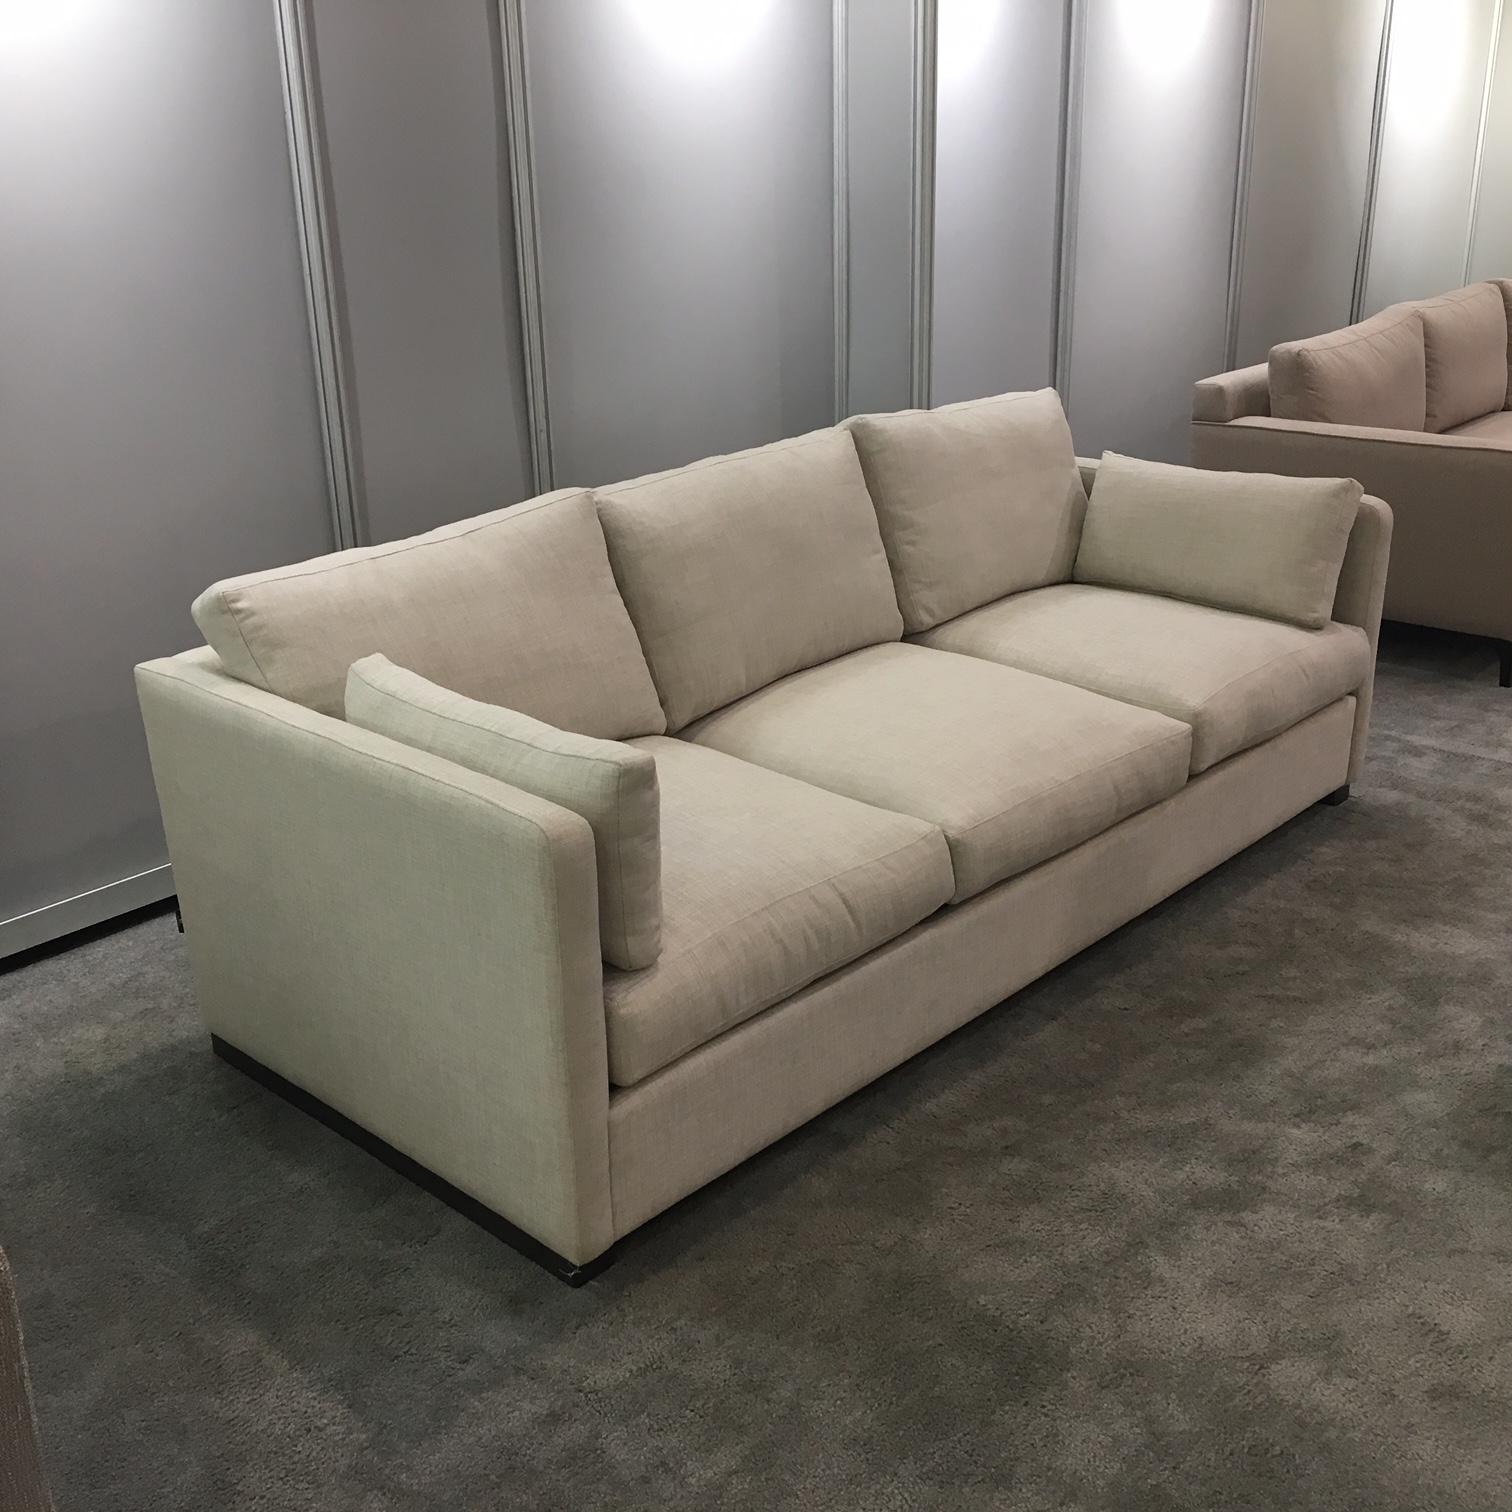 condo sized sectional sofa ottawa vintage brown leather aberdeen mikaza meubles modernes